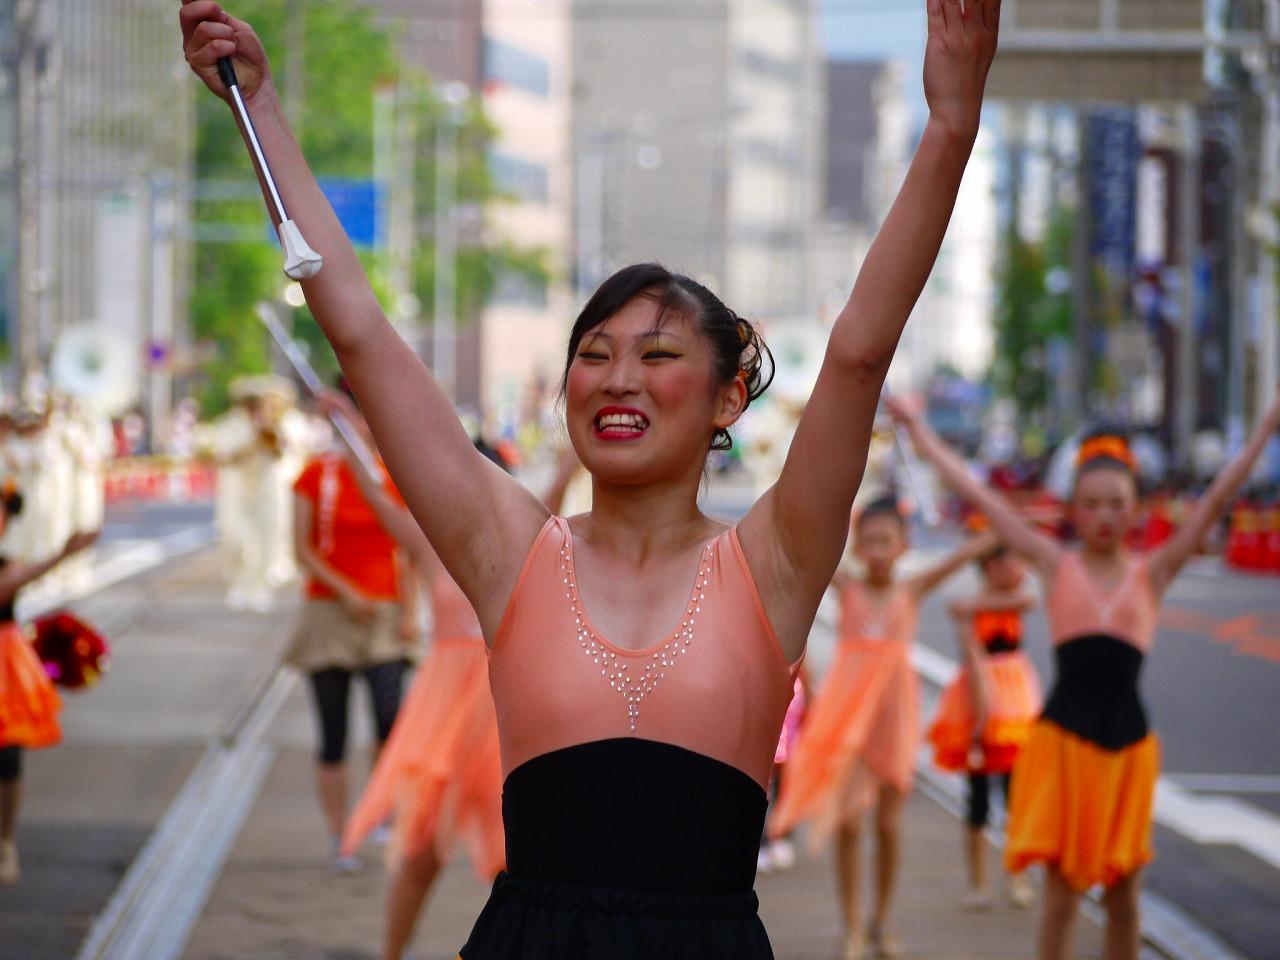 バトンパレード投稿画像606枚&女子小学生パレード盗撮